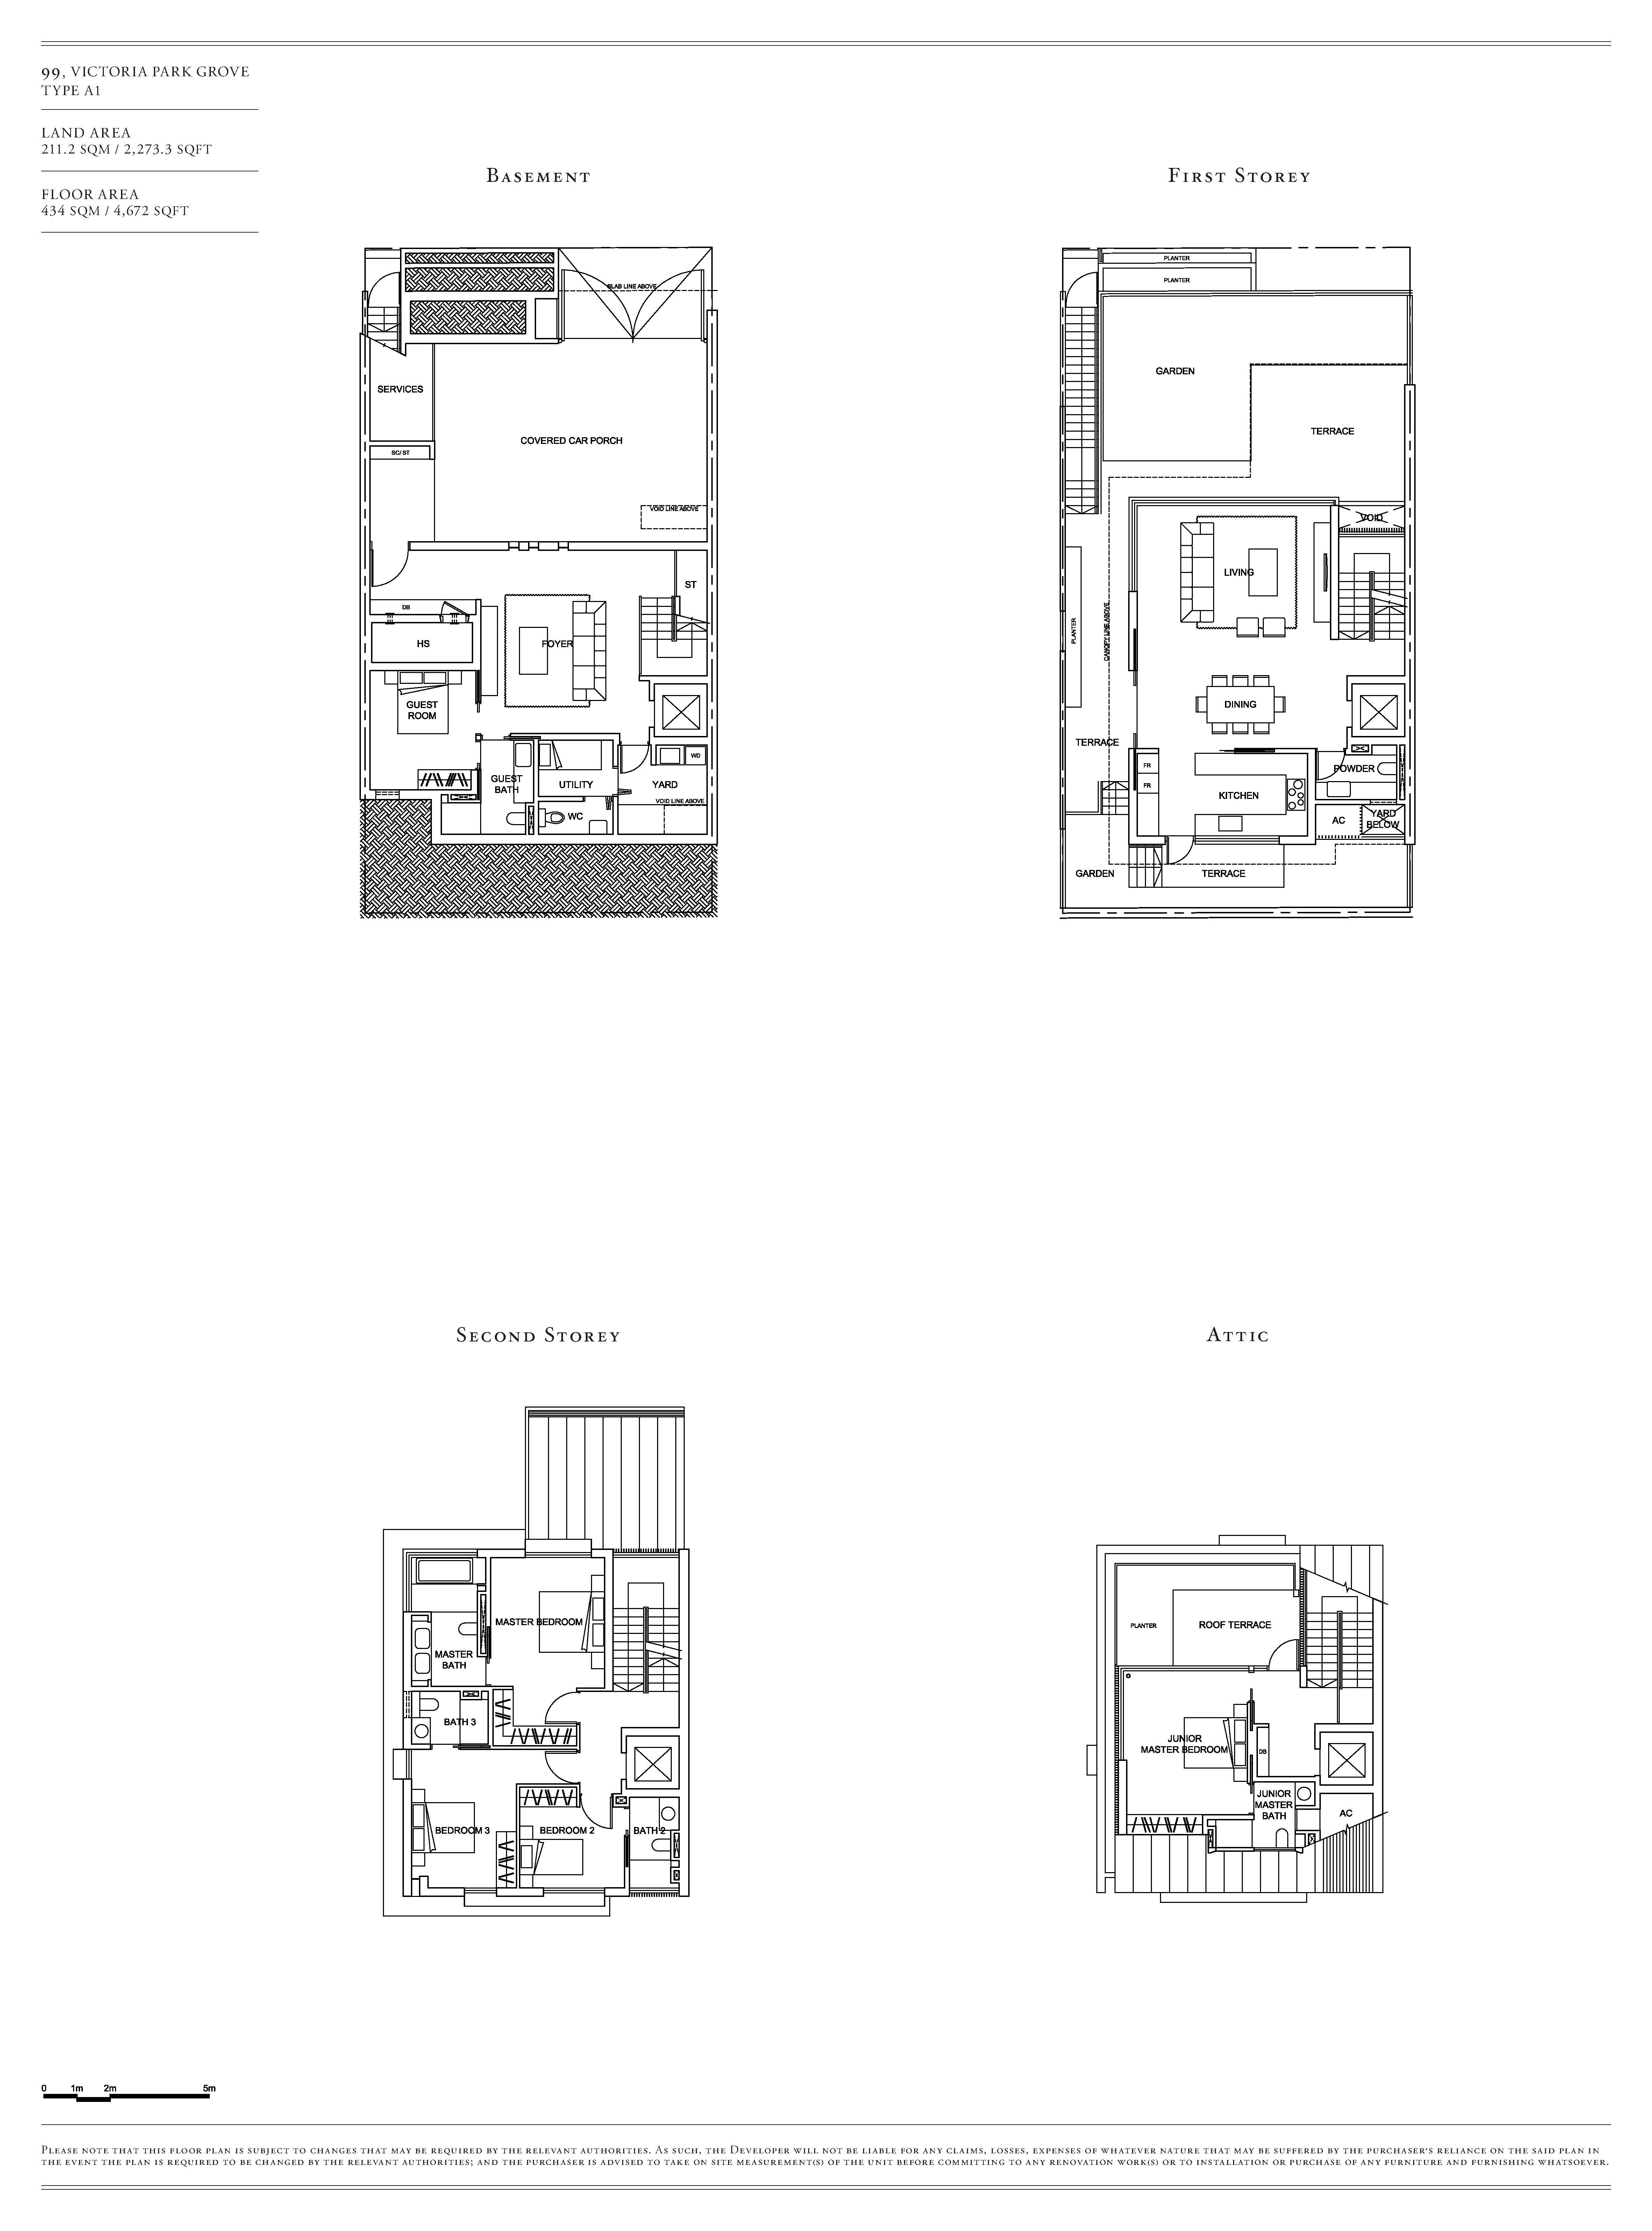 Victoria Park Villas House 99 Type A1 Floor Plans